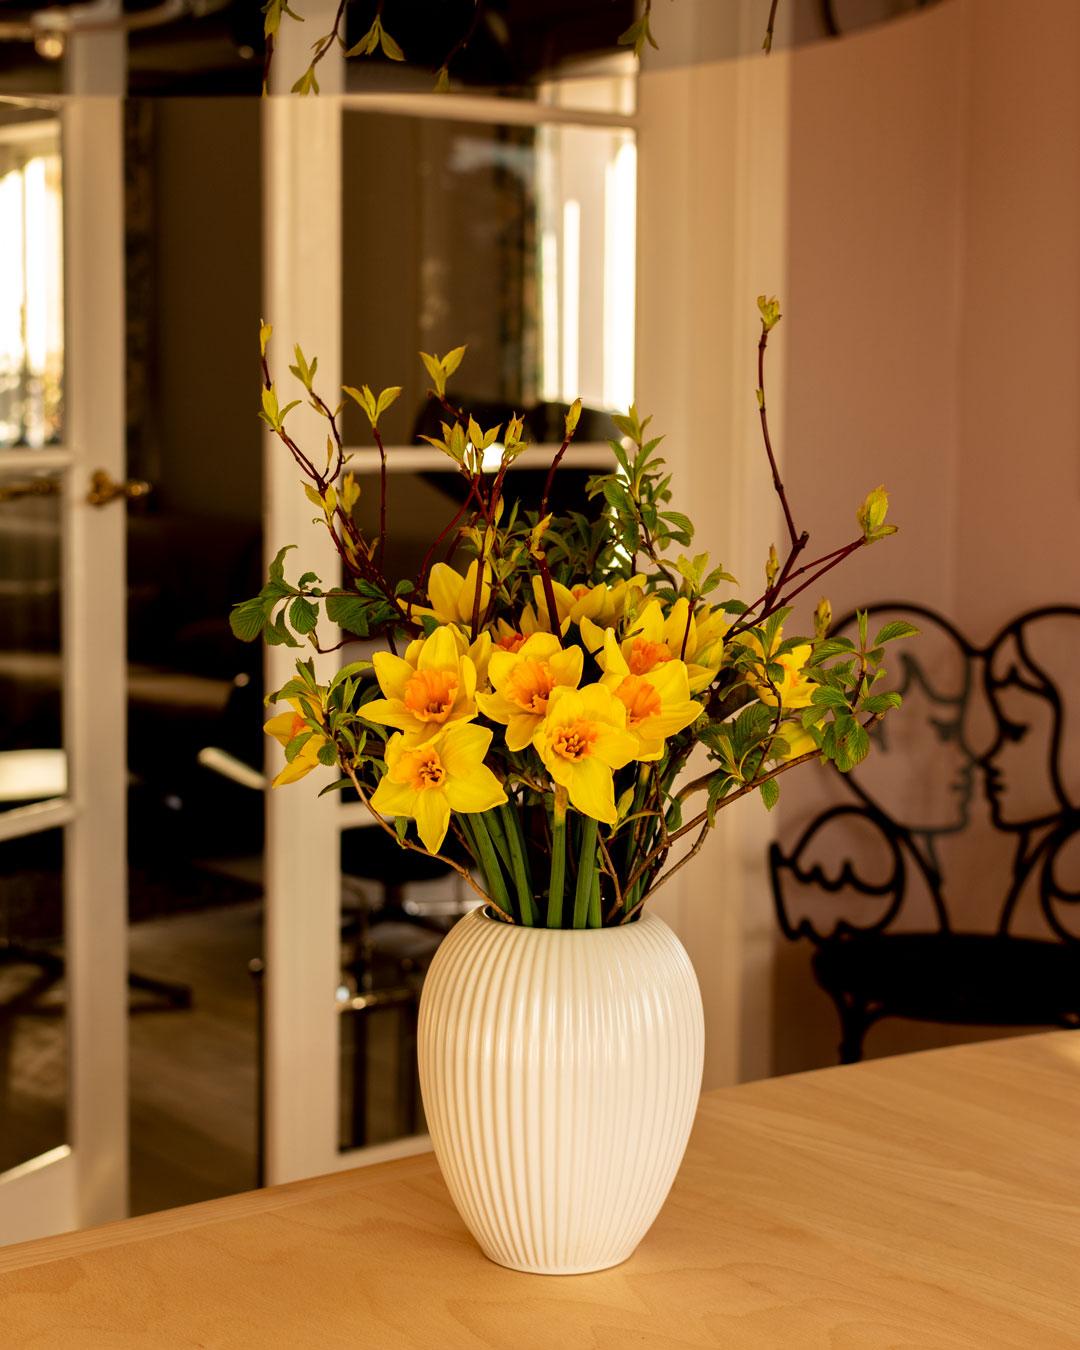 Hvid vase fra Michael Andersen Keramik med påskeliljer og grene fra haven på spisestuebord